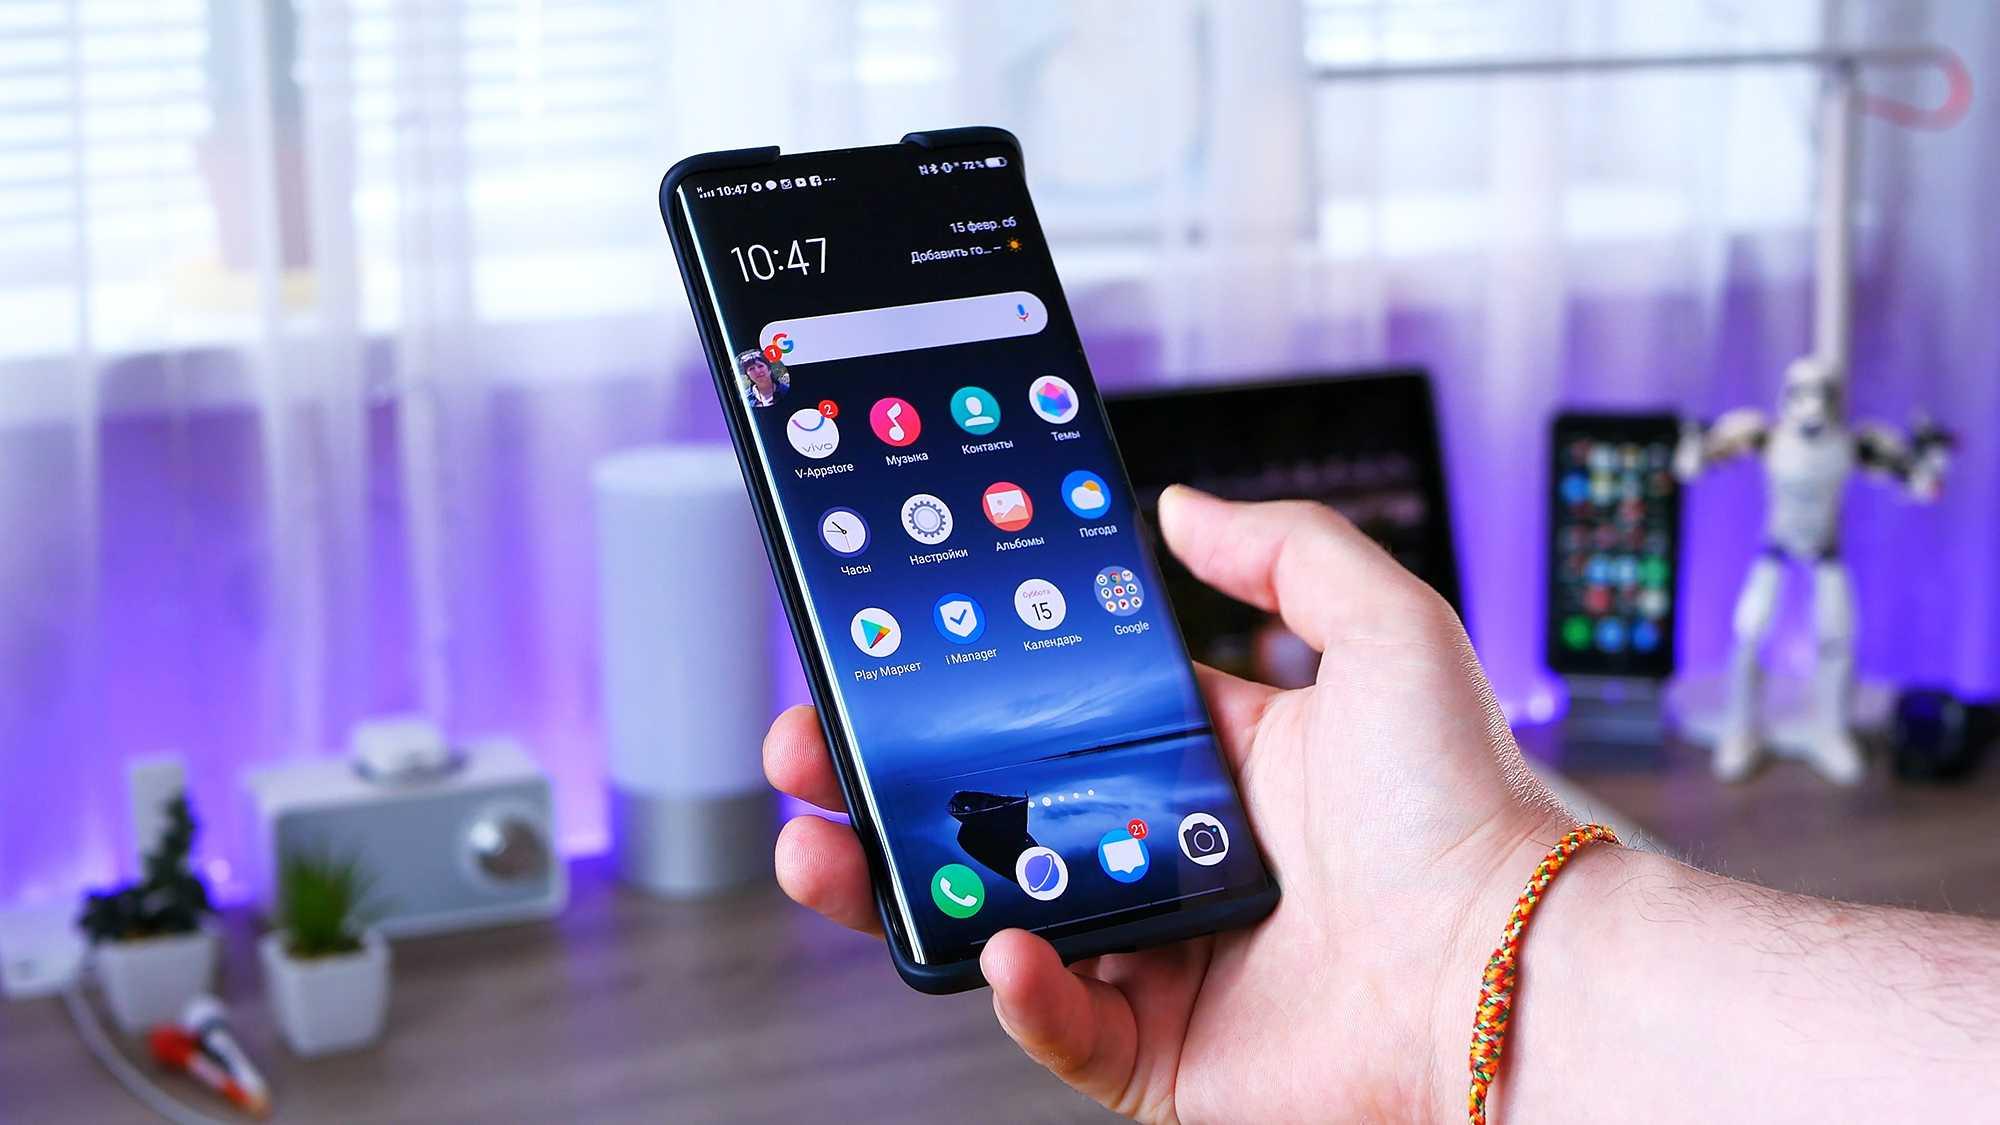 Мир лишился крупного производителя смартфонов, потому что его основатель проиграл в карты $1,4 миллиарда